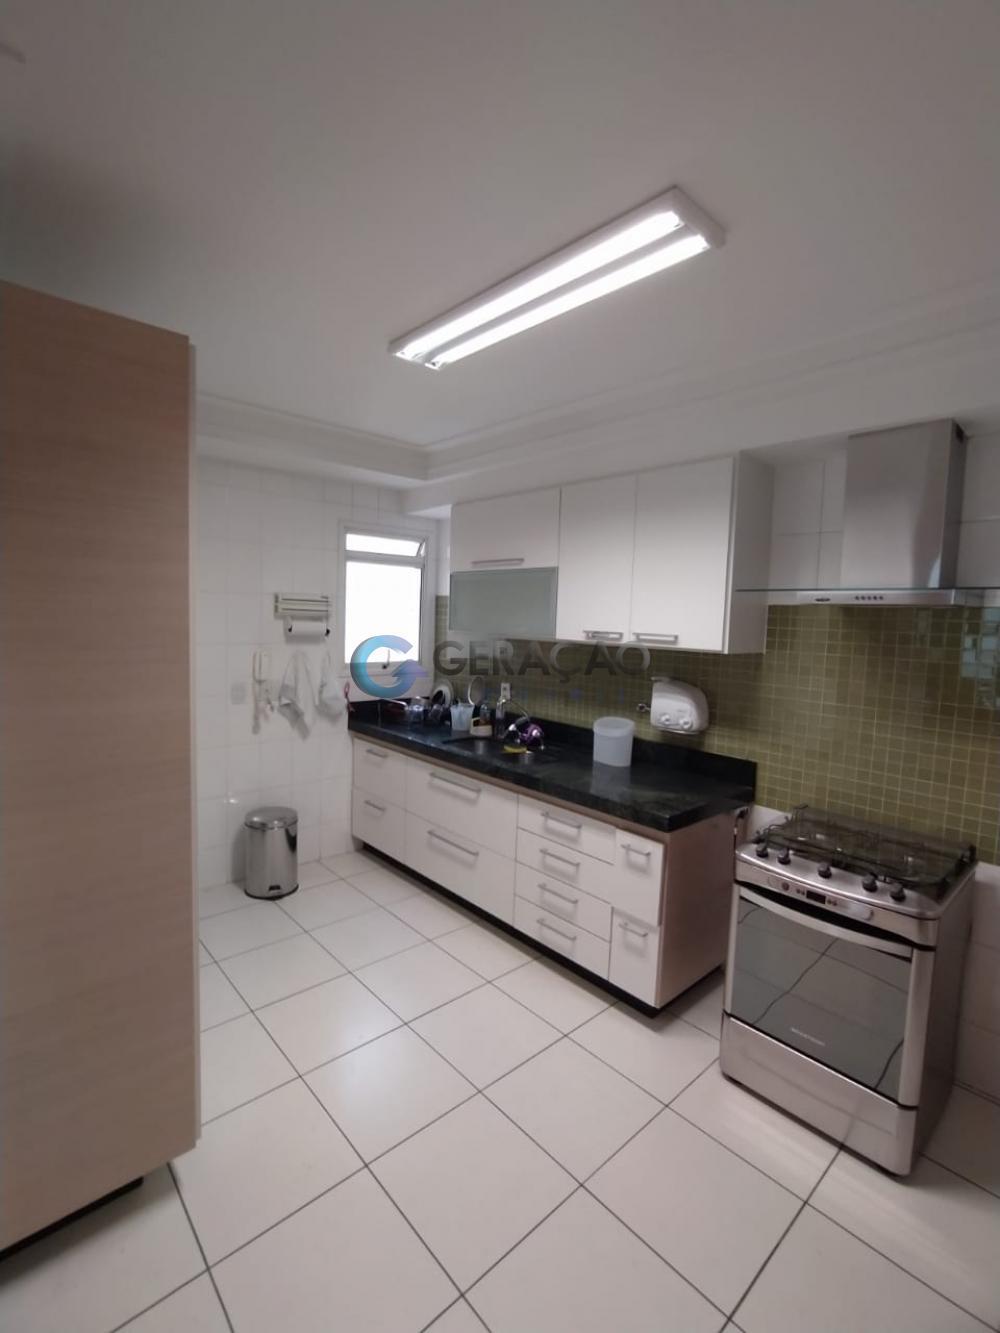 Alugar Apartamento / Padrão em São José dos Campos R$ 7.600,00 - Foto 6